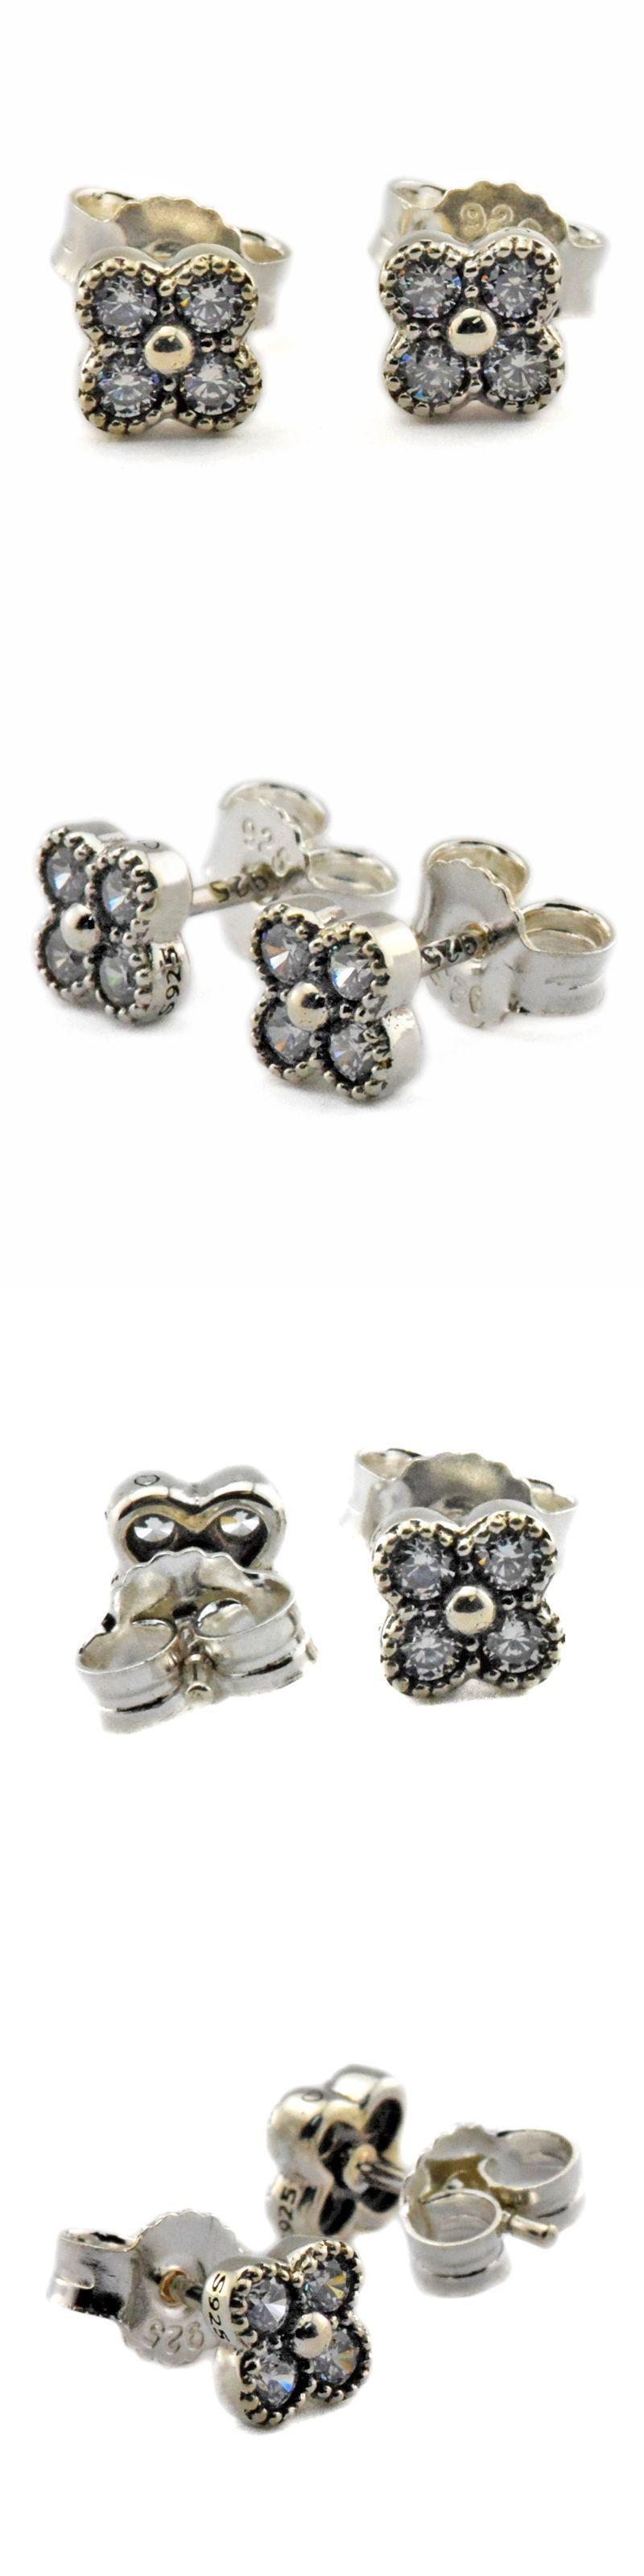 925 Sterling Silver Jewelry CKK Stud Earrings for Women DIY